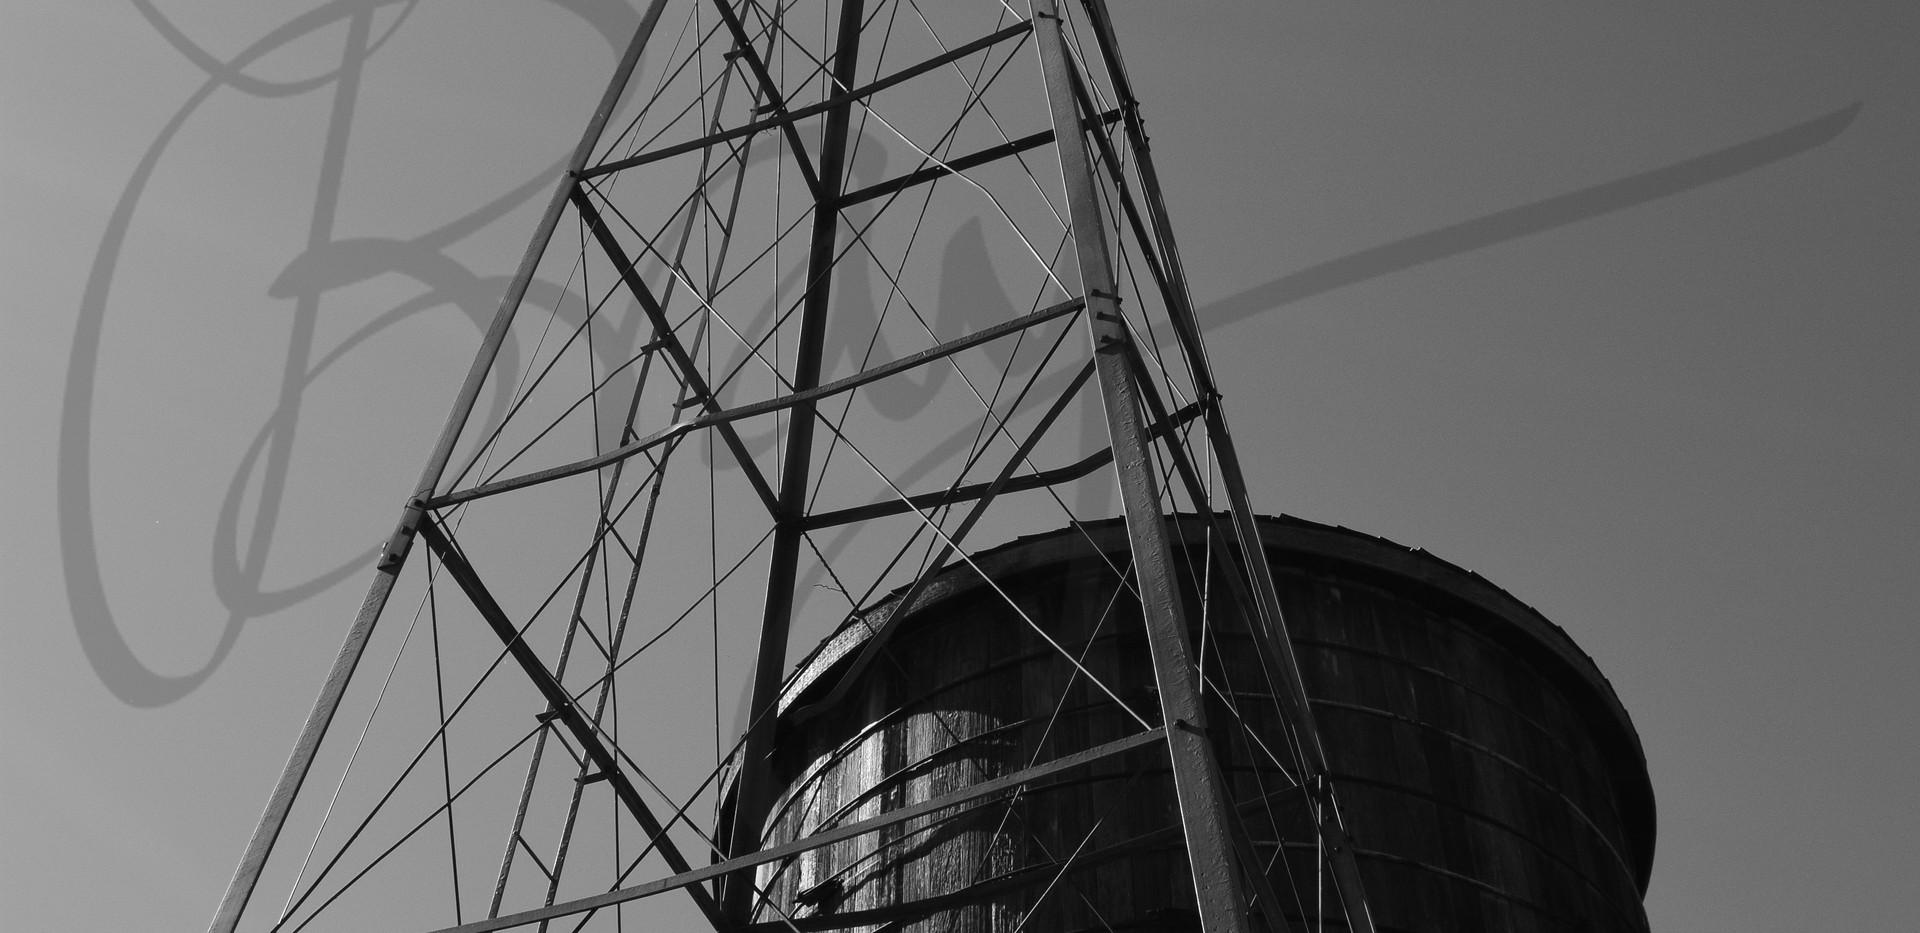 Windmill and Tank at Herff Farm